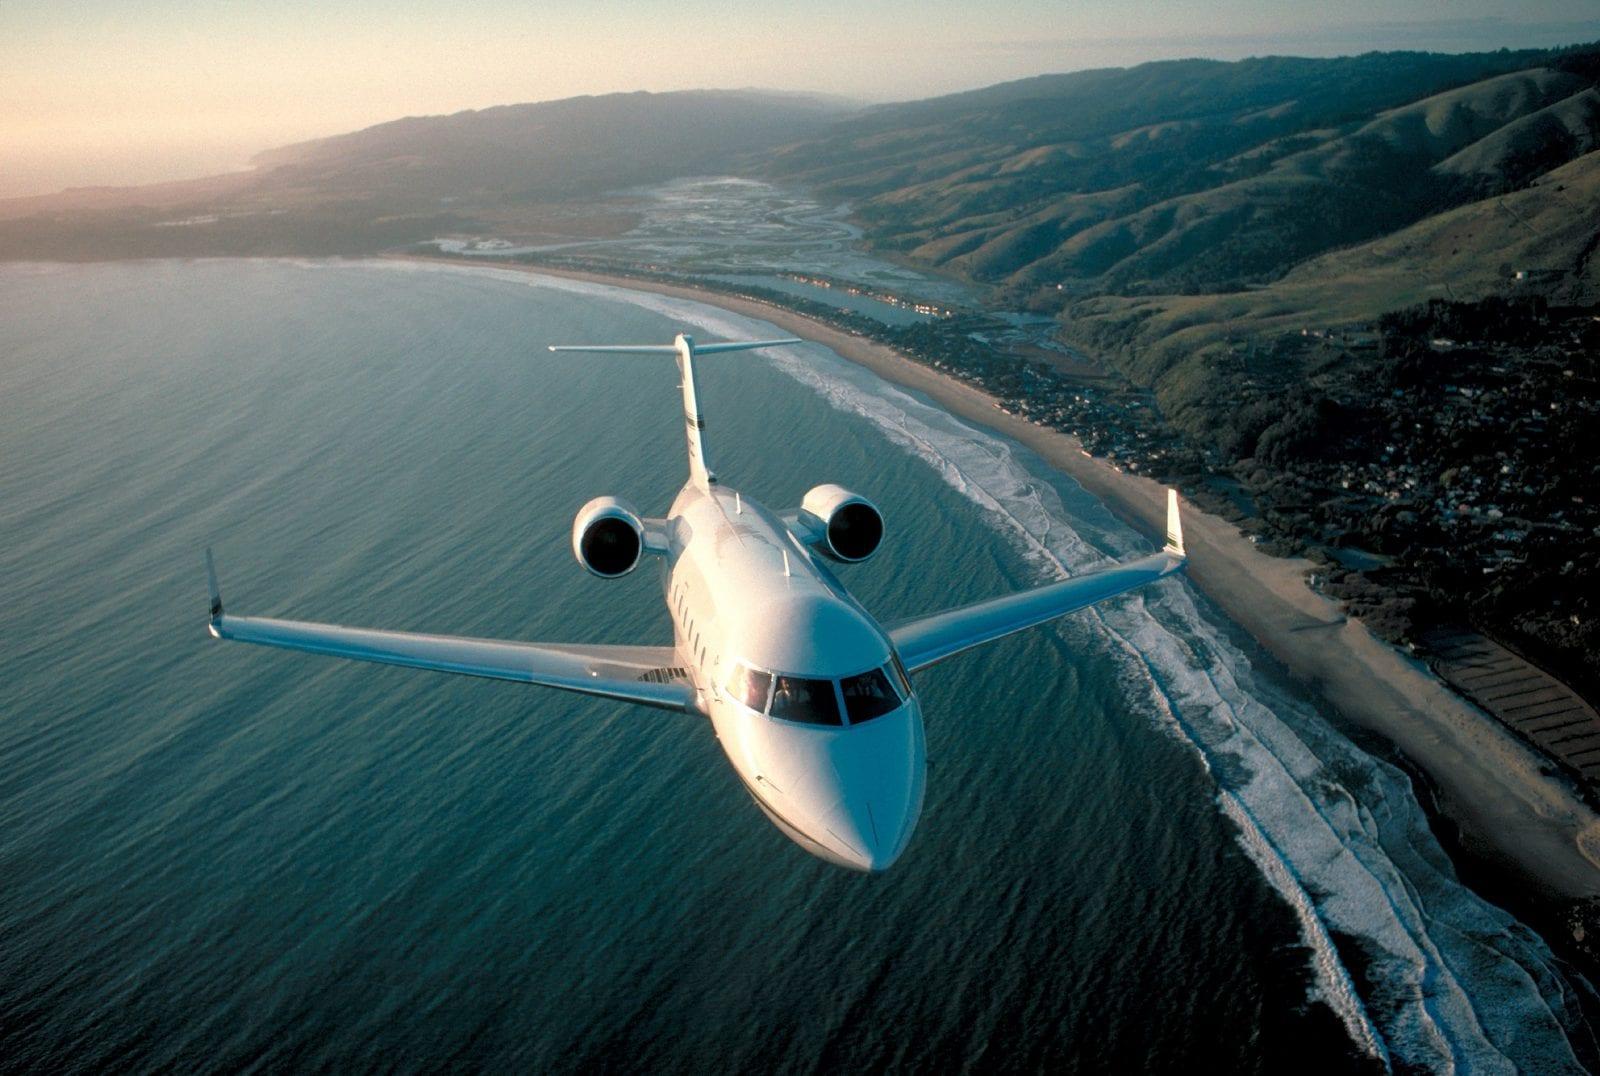 World Most Famous Celebrities Travel 4 - Un Bombardier de lux BD-700 Express